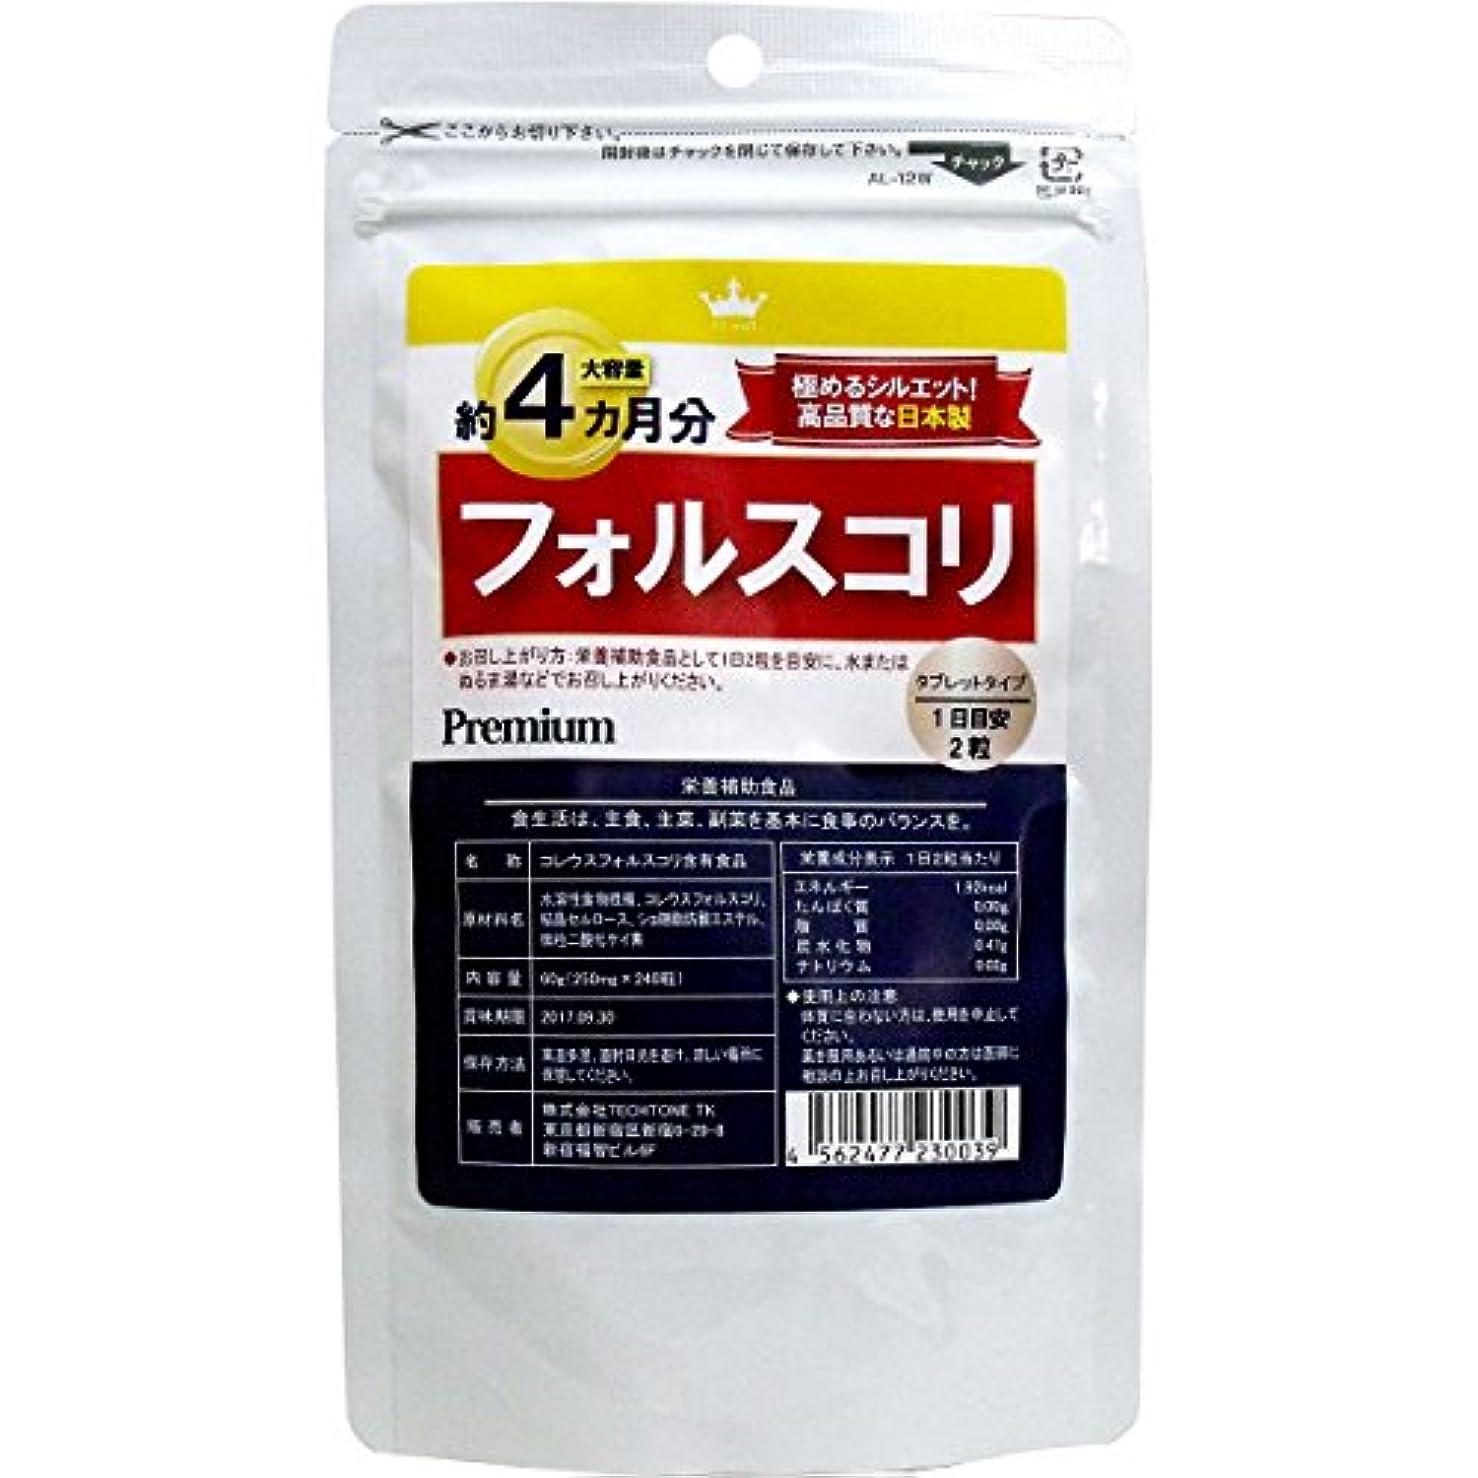 現金一生放課後サプリメント 高品質な日本製 健康食品 フォルスコリ 約4カ月分 240粒入【5個セット】